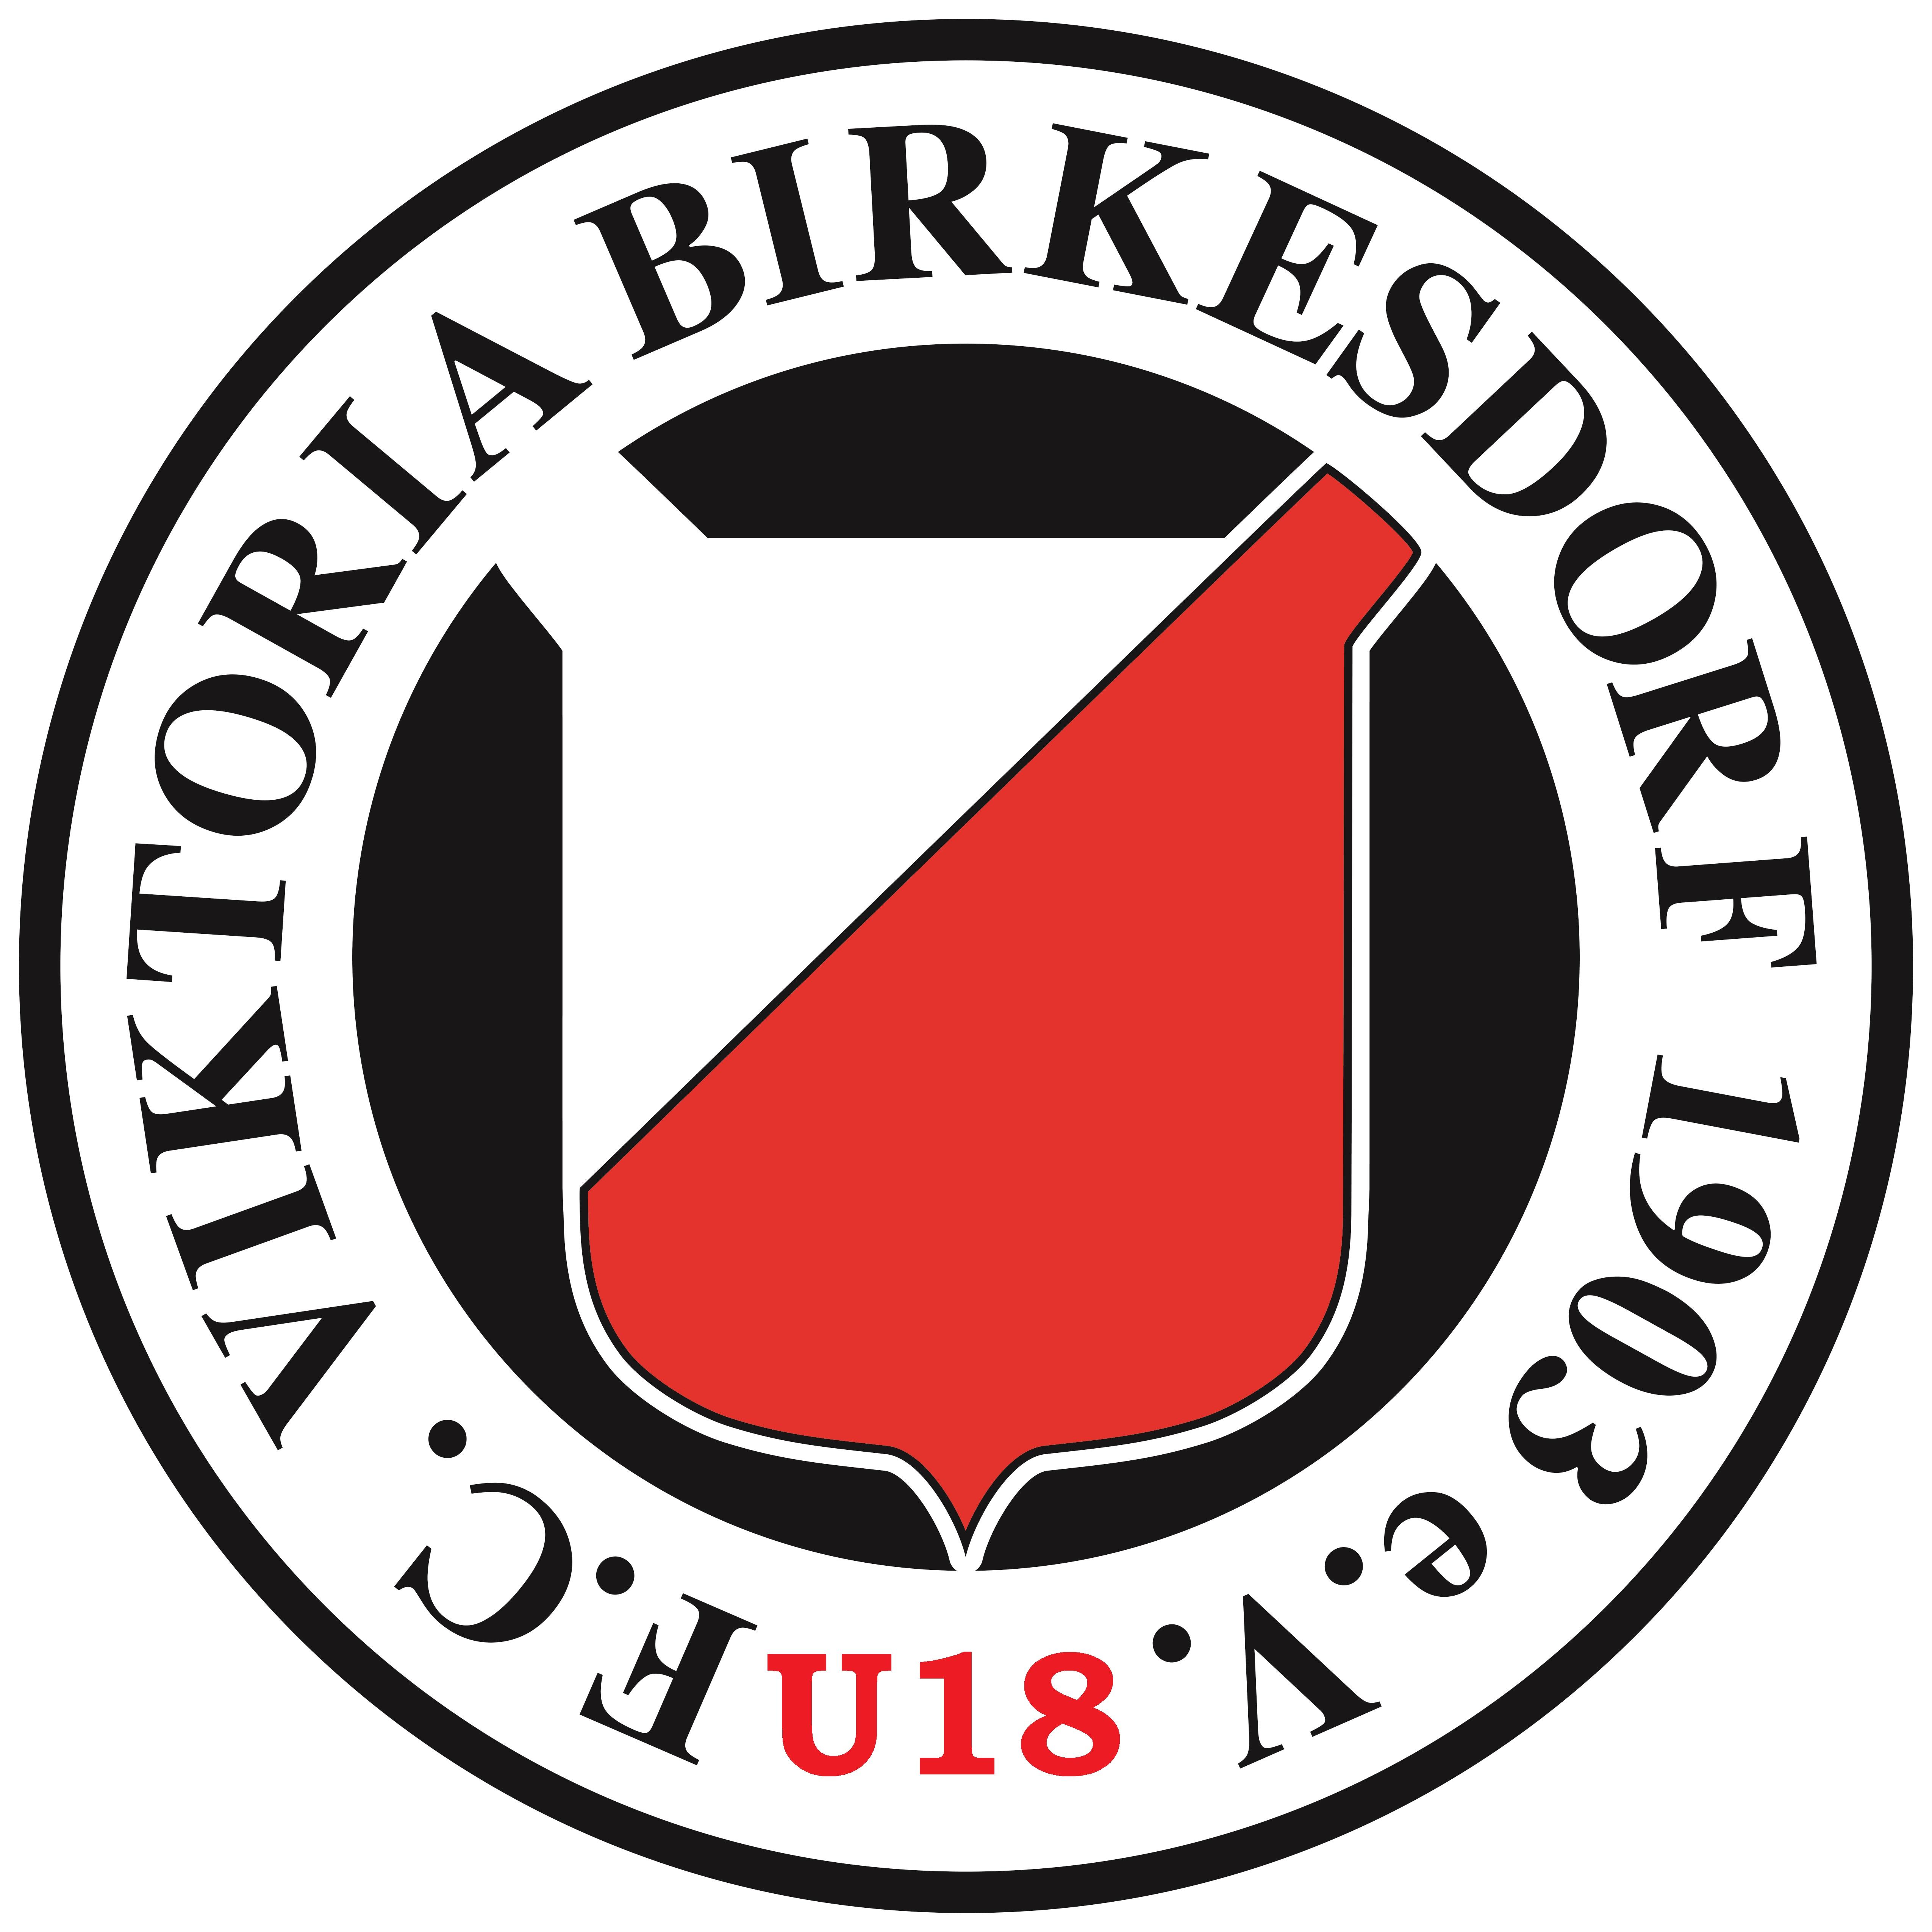 FC Viktoria Birkesdorf